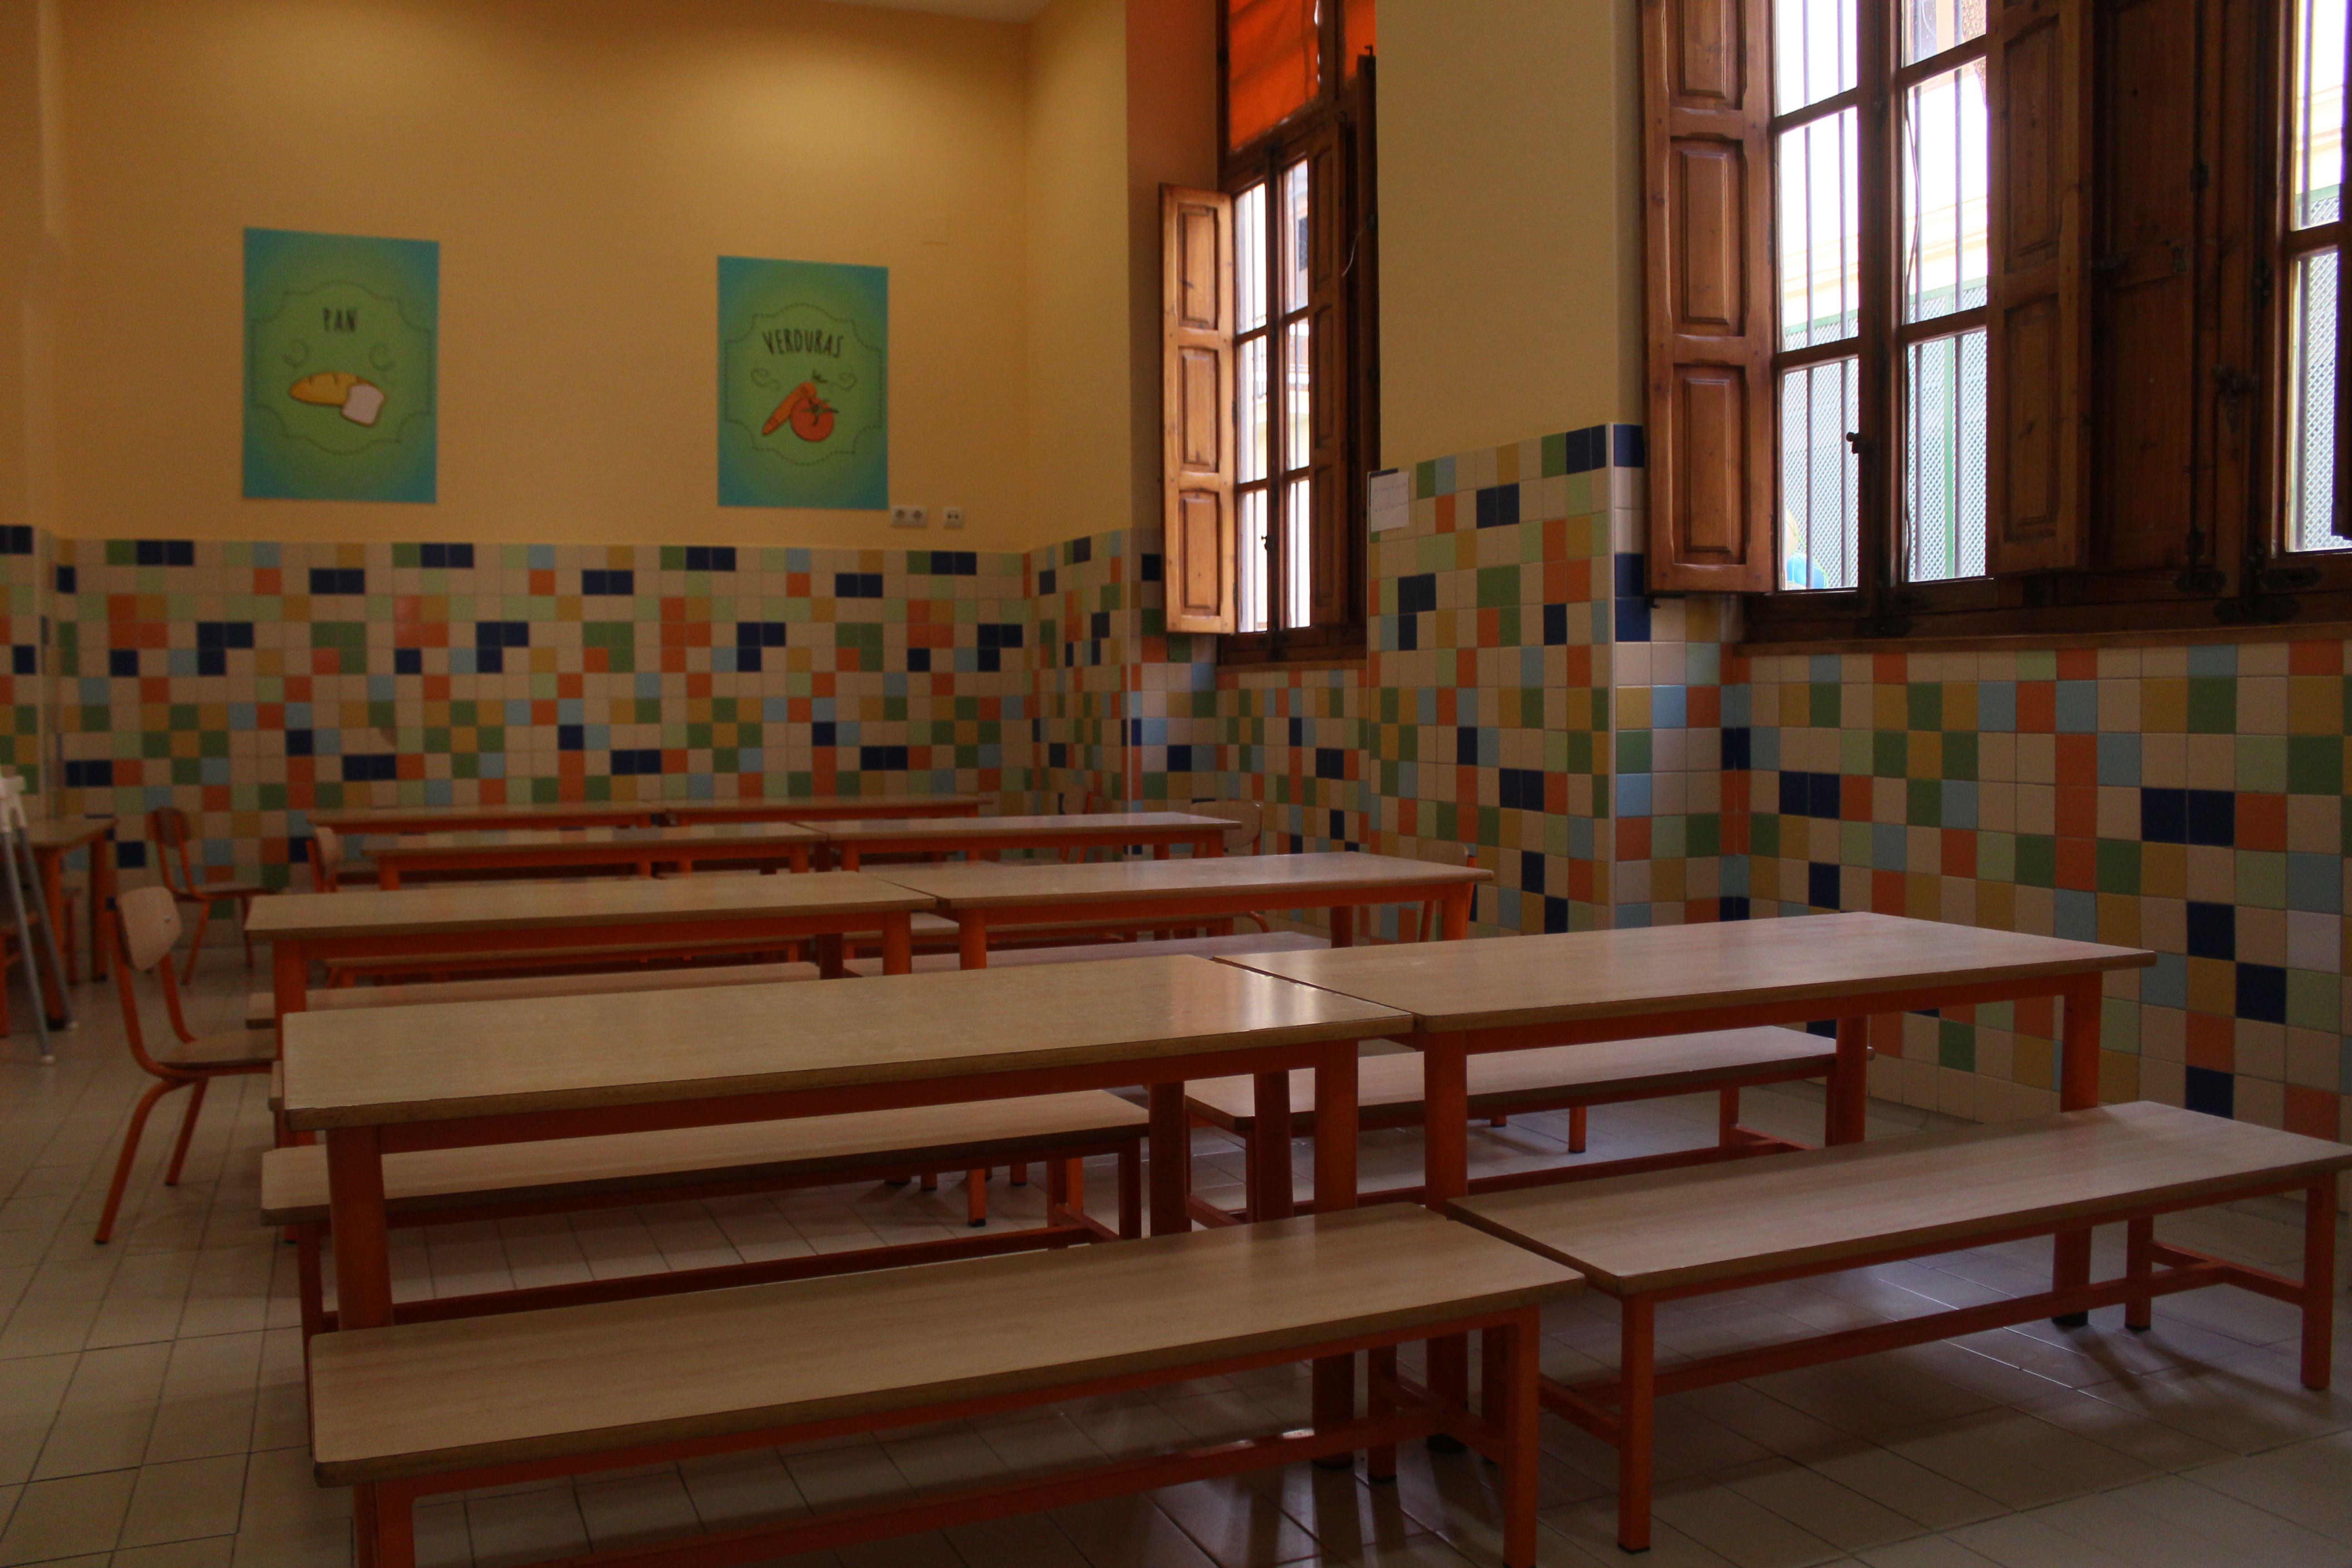 escuela infantil bilingüe en Valencia - bancos marrones